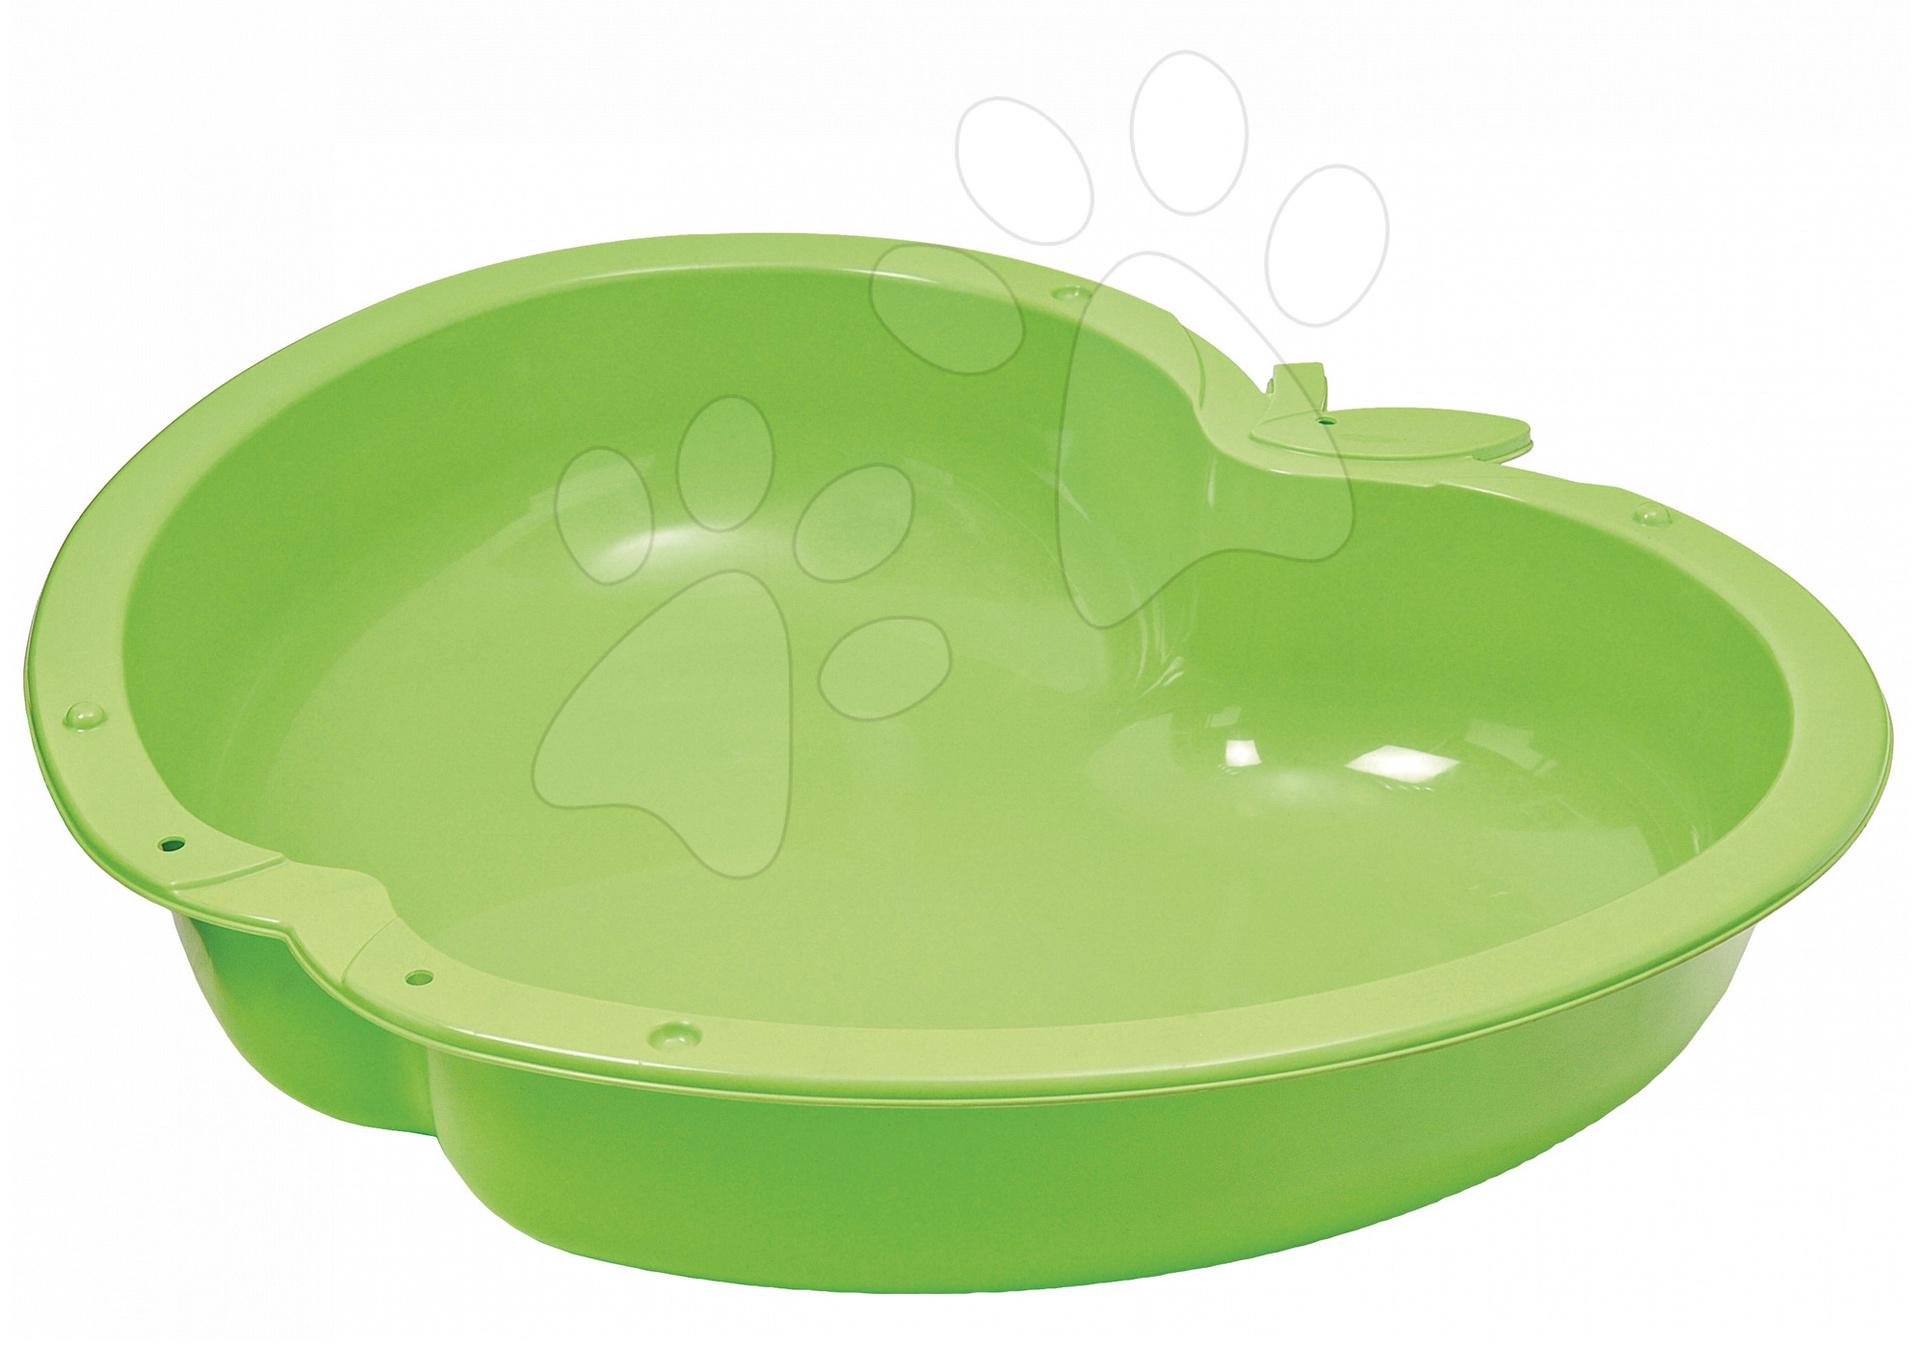 Pískoviště pro děti  - Pískoviště Jablko Starplast objem 147 litrů zelené od 24 měsíců